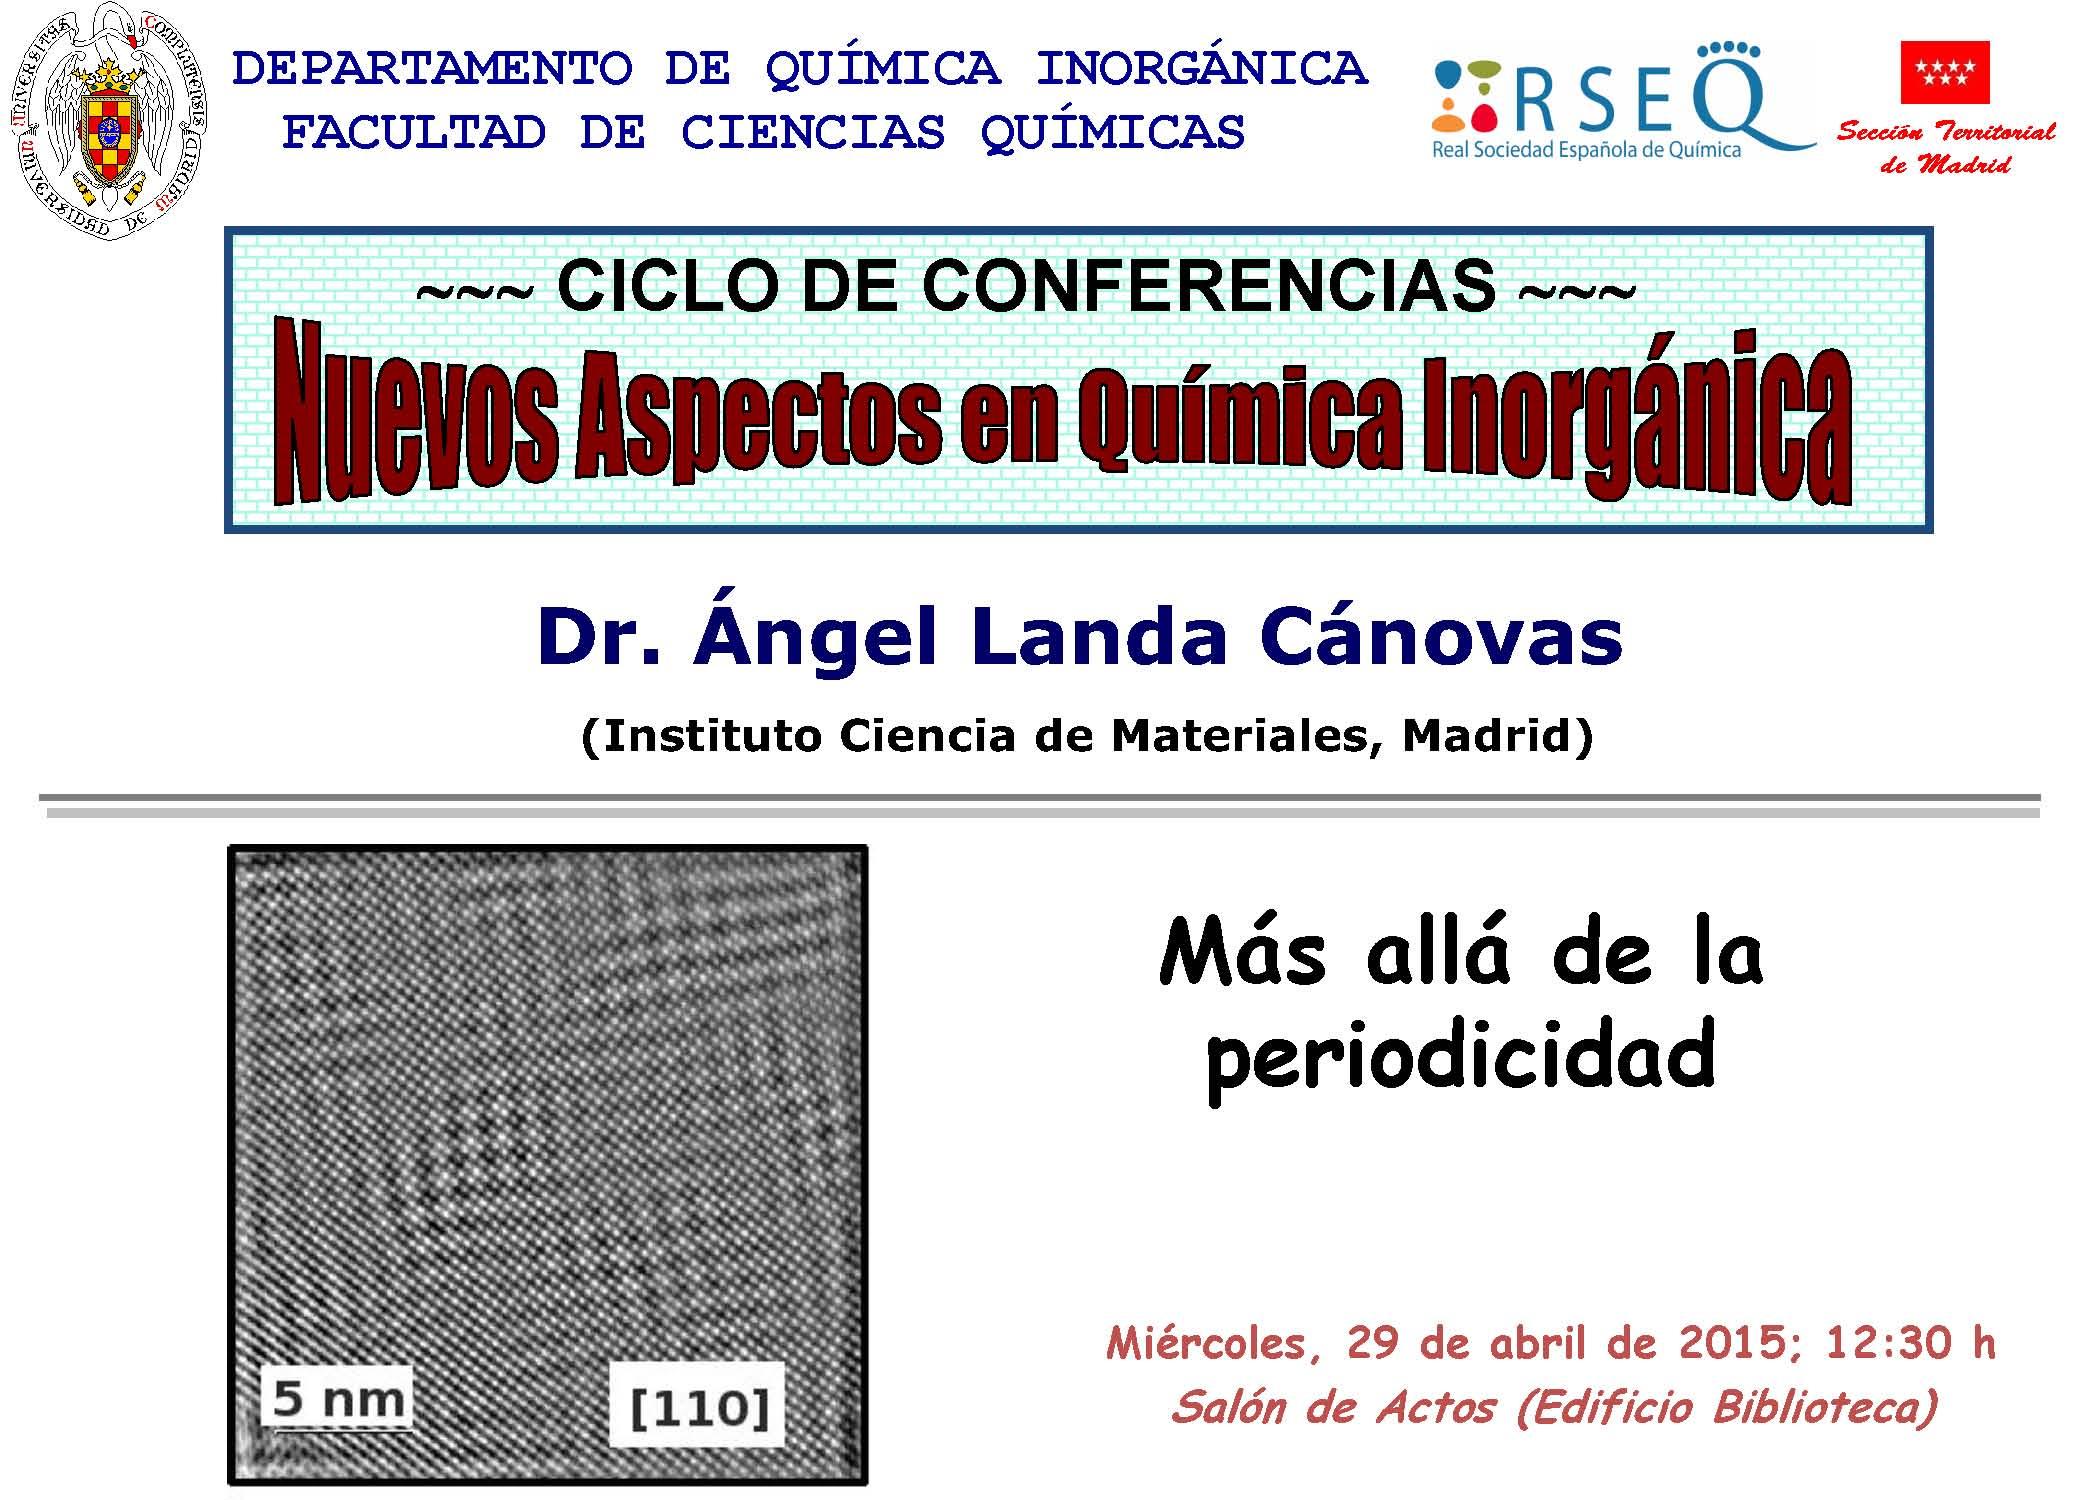 Periodicidad 9ª conferencia